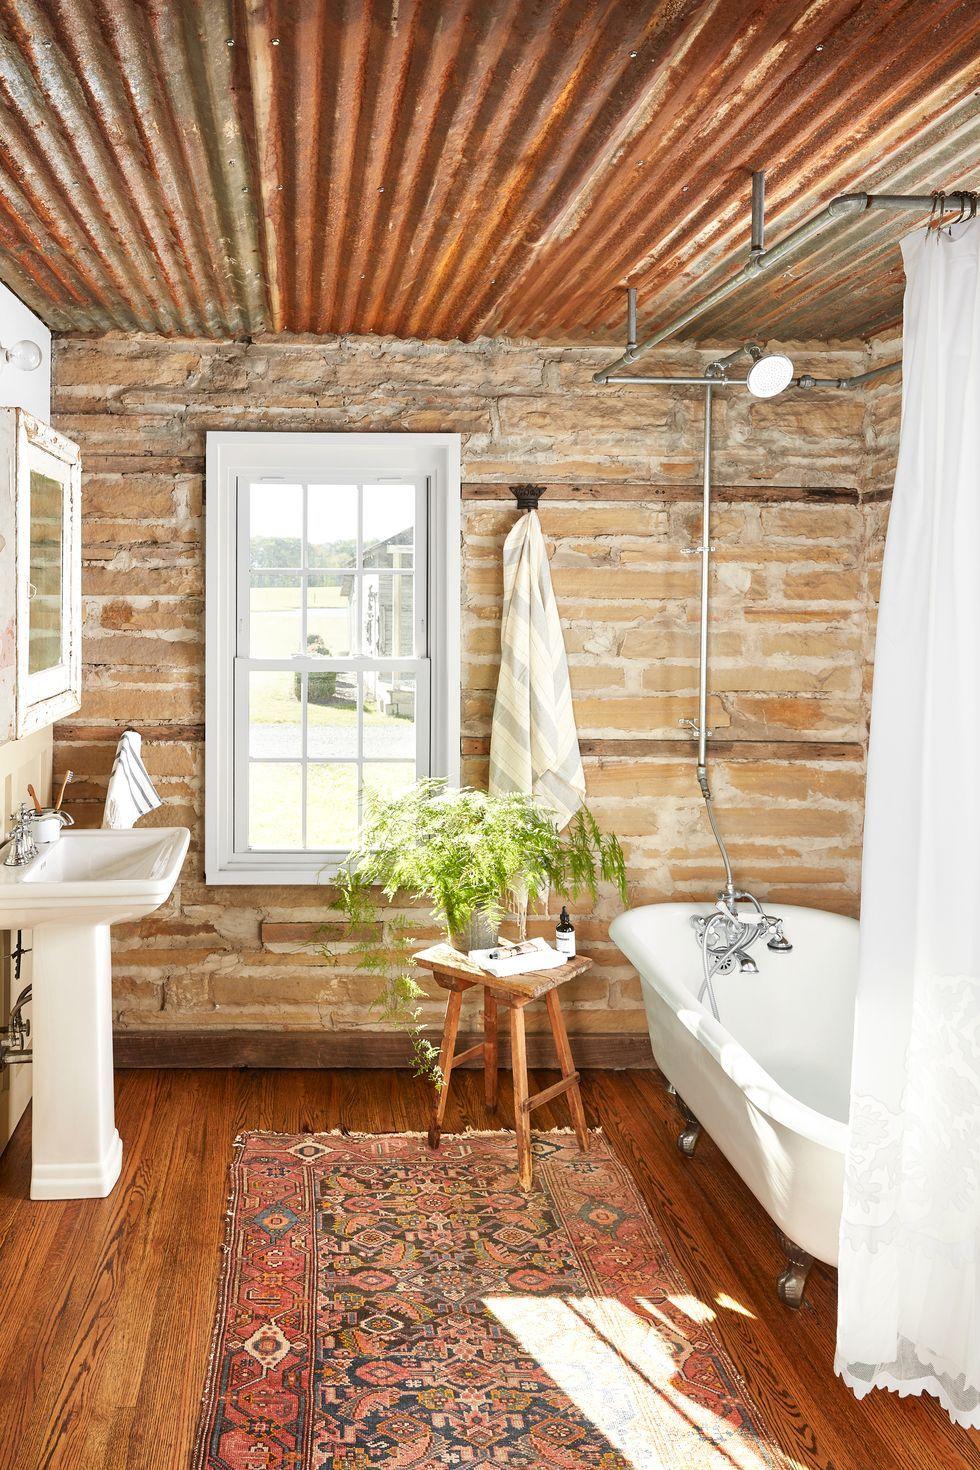 20 Best Farmhouse Bathroom Design Ideas - Farmhouse ... on Rustic Farmhouse Farmhouse Bathroom  id=59235